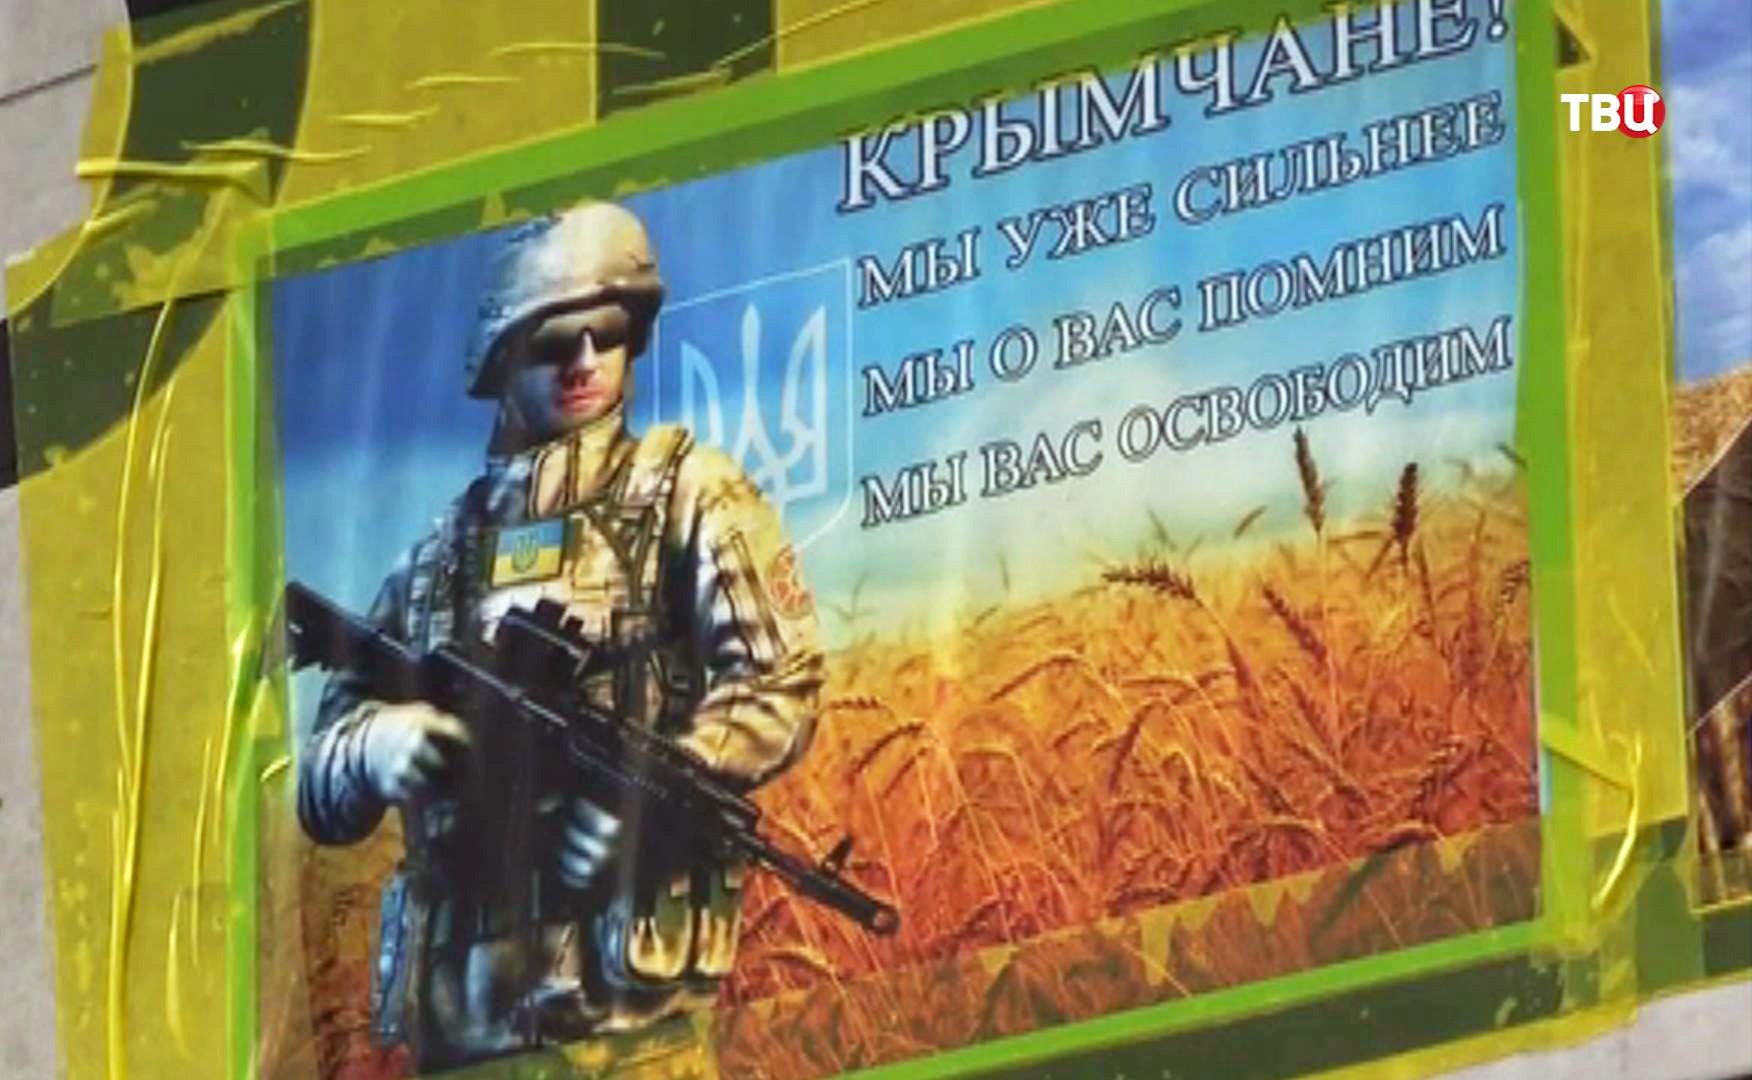 Агитационный плакат на границе с Крымом